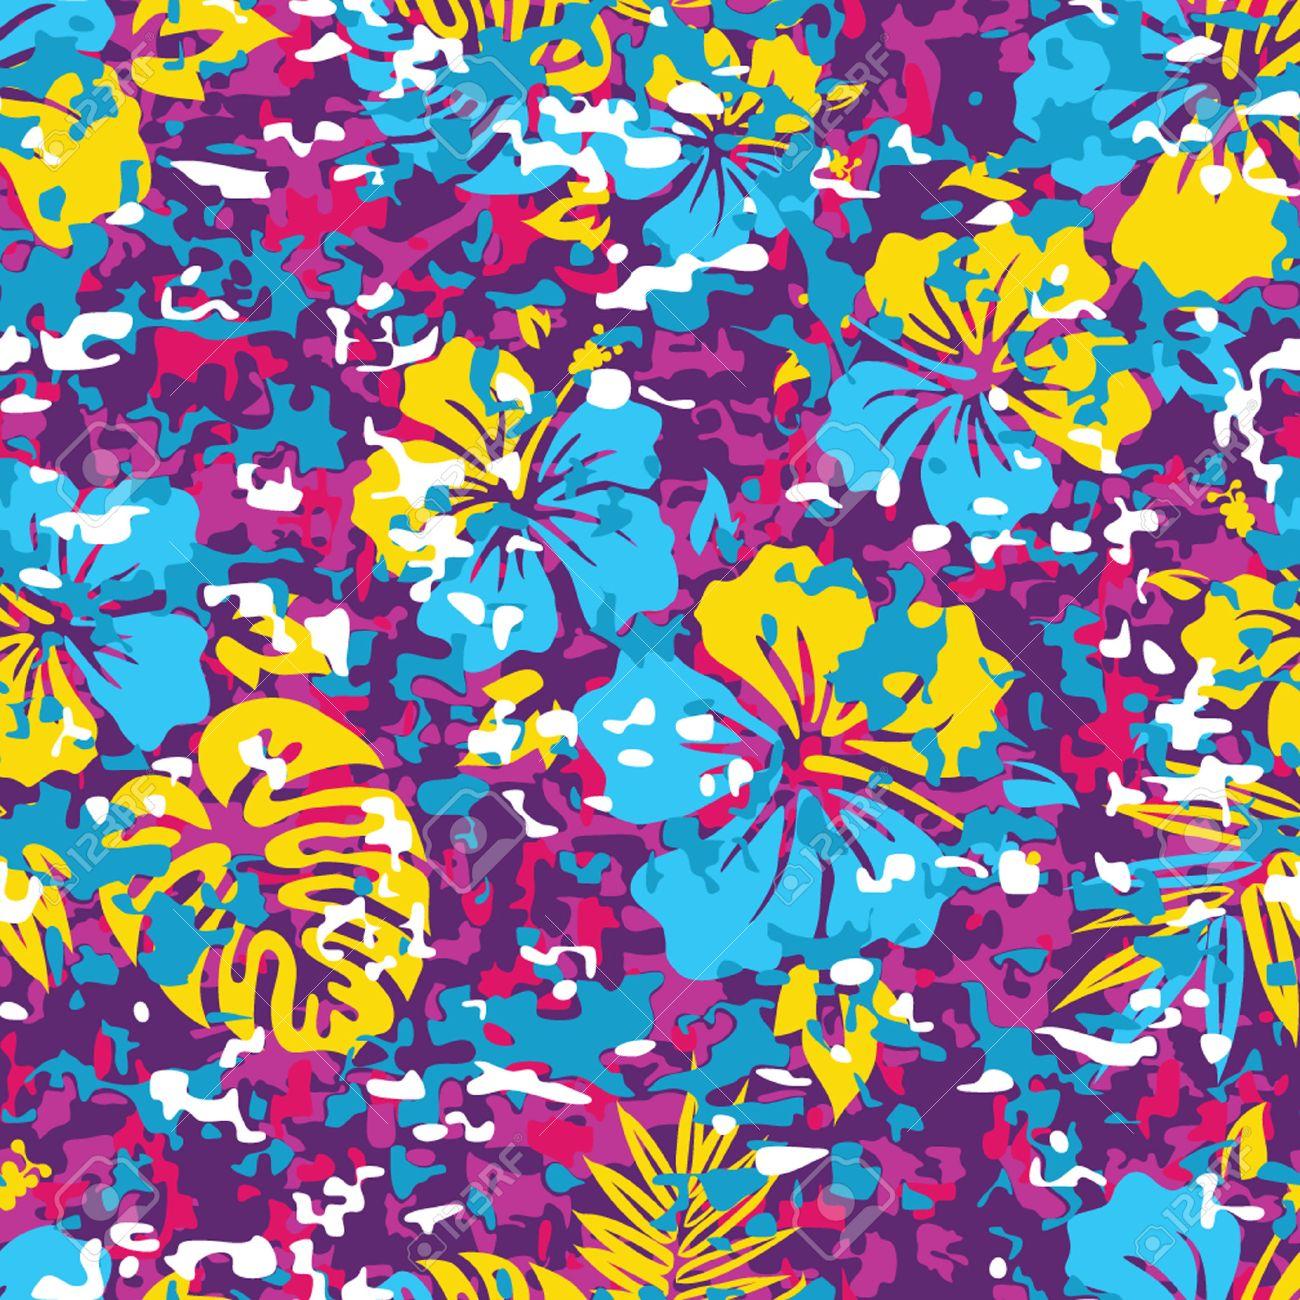 Aloha Hawaiian Shirt Camouflage Seamless Background Pattern